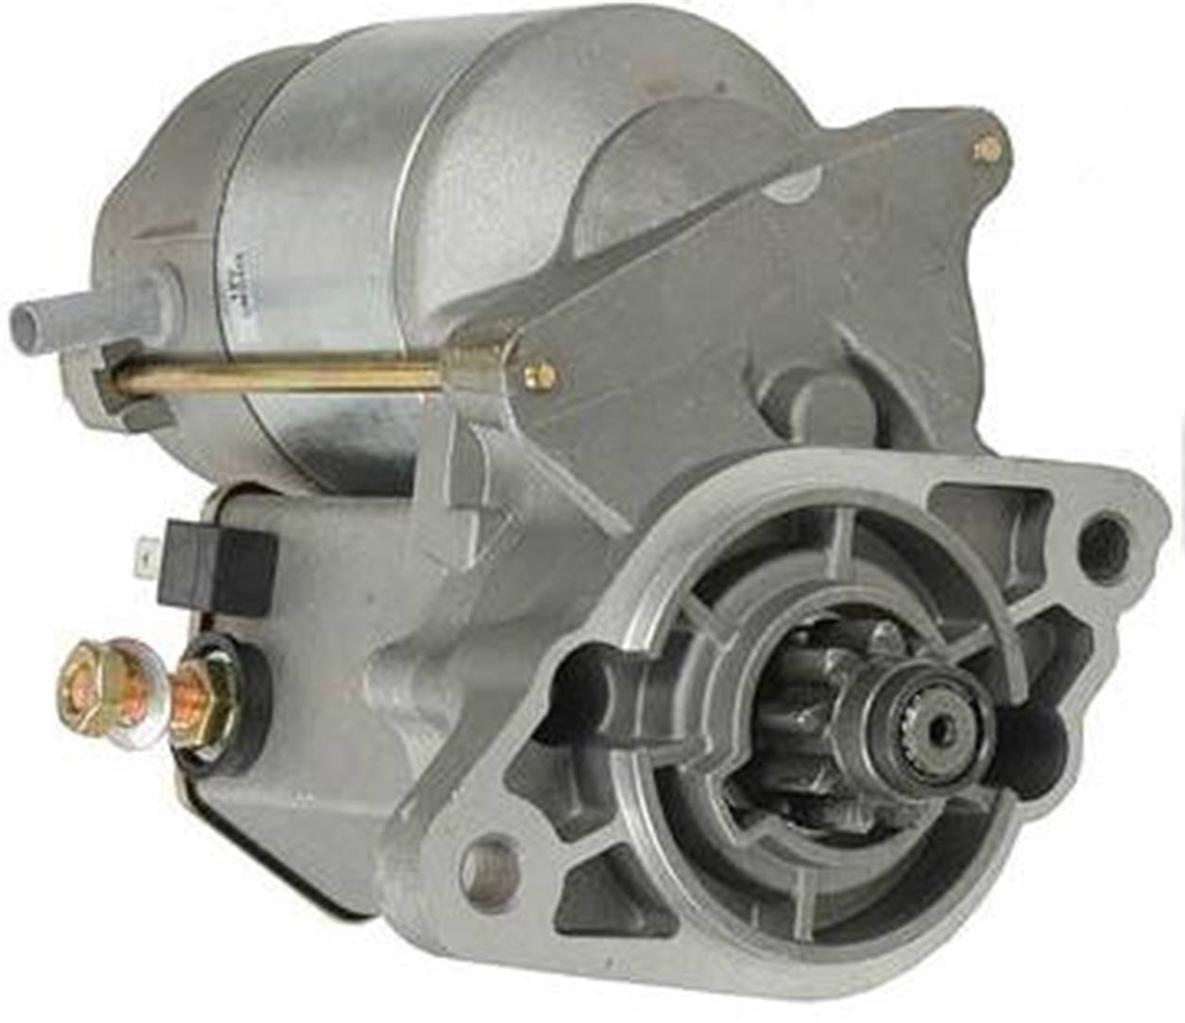 NEW Starter Fits Kubota Generator Sets GL6500S ZB600GLS Engine 12HP Dsl 1988-ON